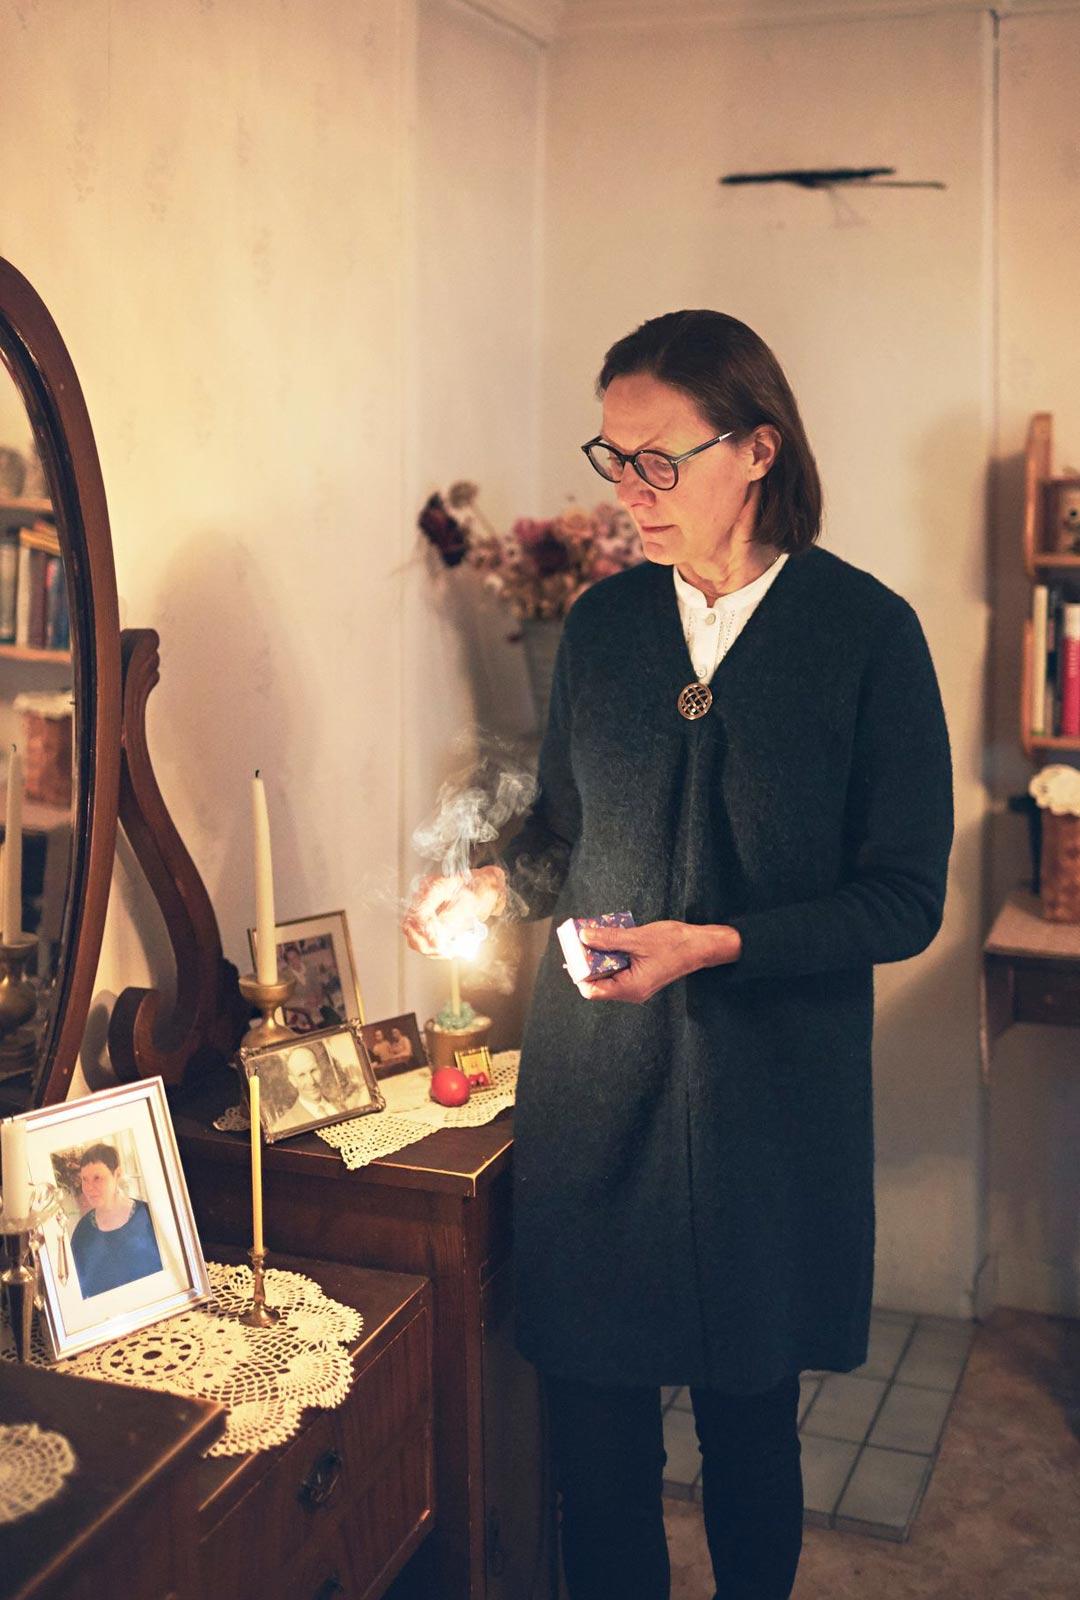 Saattohoito siskolle - Marianne Tapaninen sytyttää tuohuksen isosiskonsa Britan kuvan vierelle.